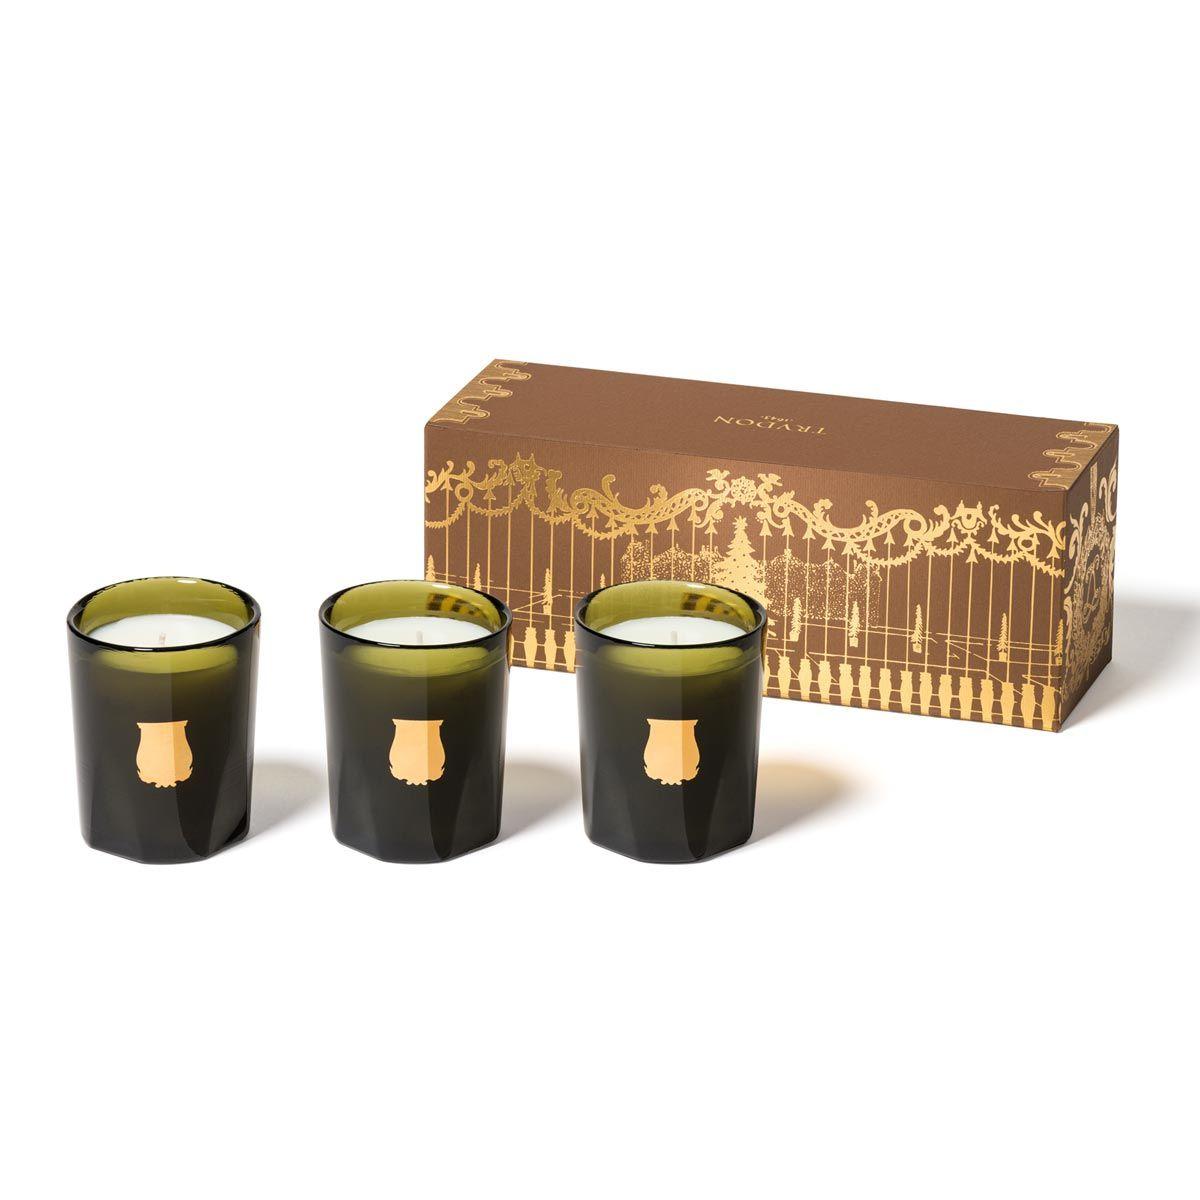 Gift box for 3 Petites Bougies - Christmas Edition